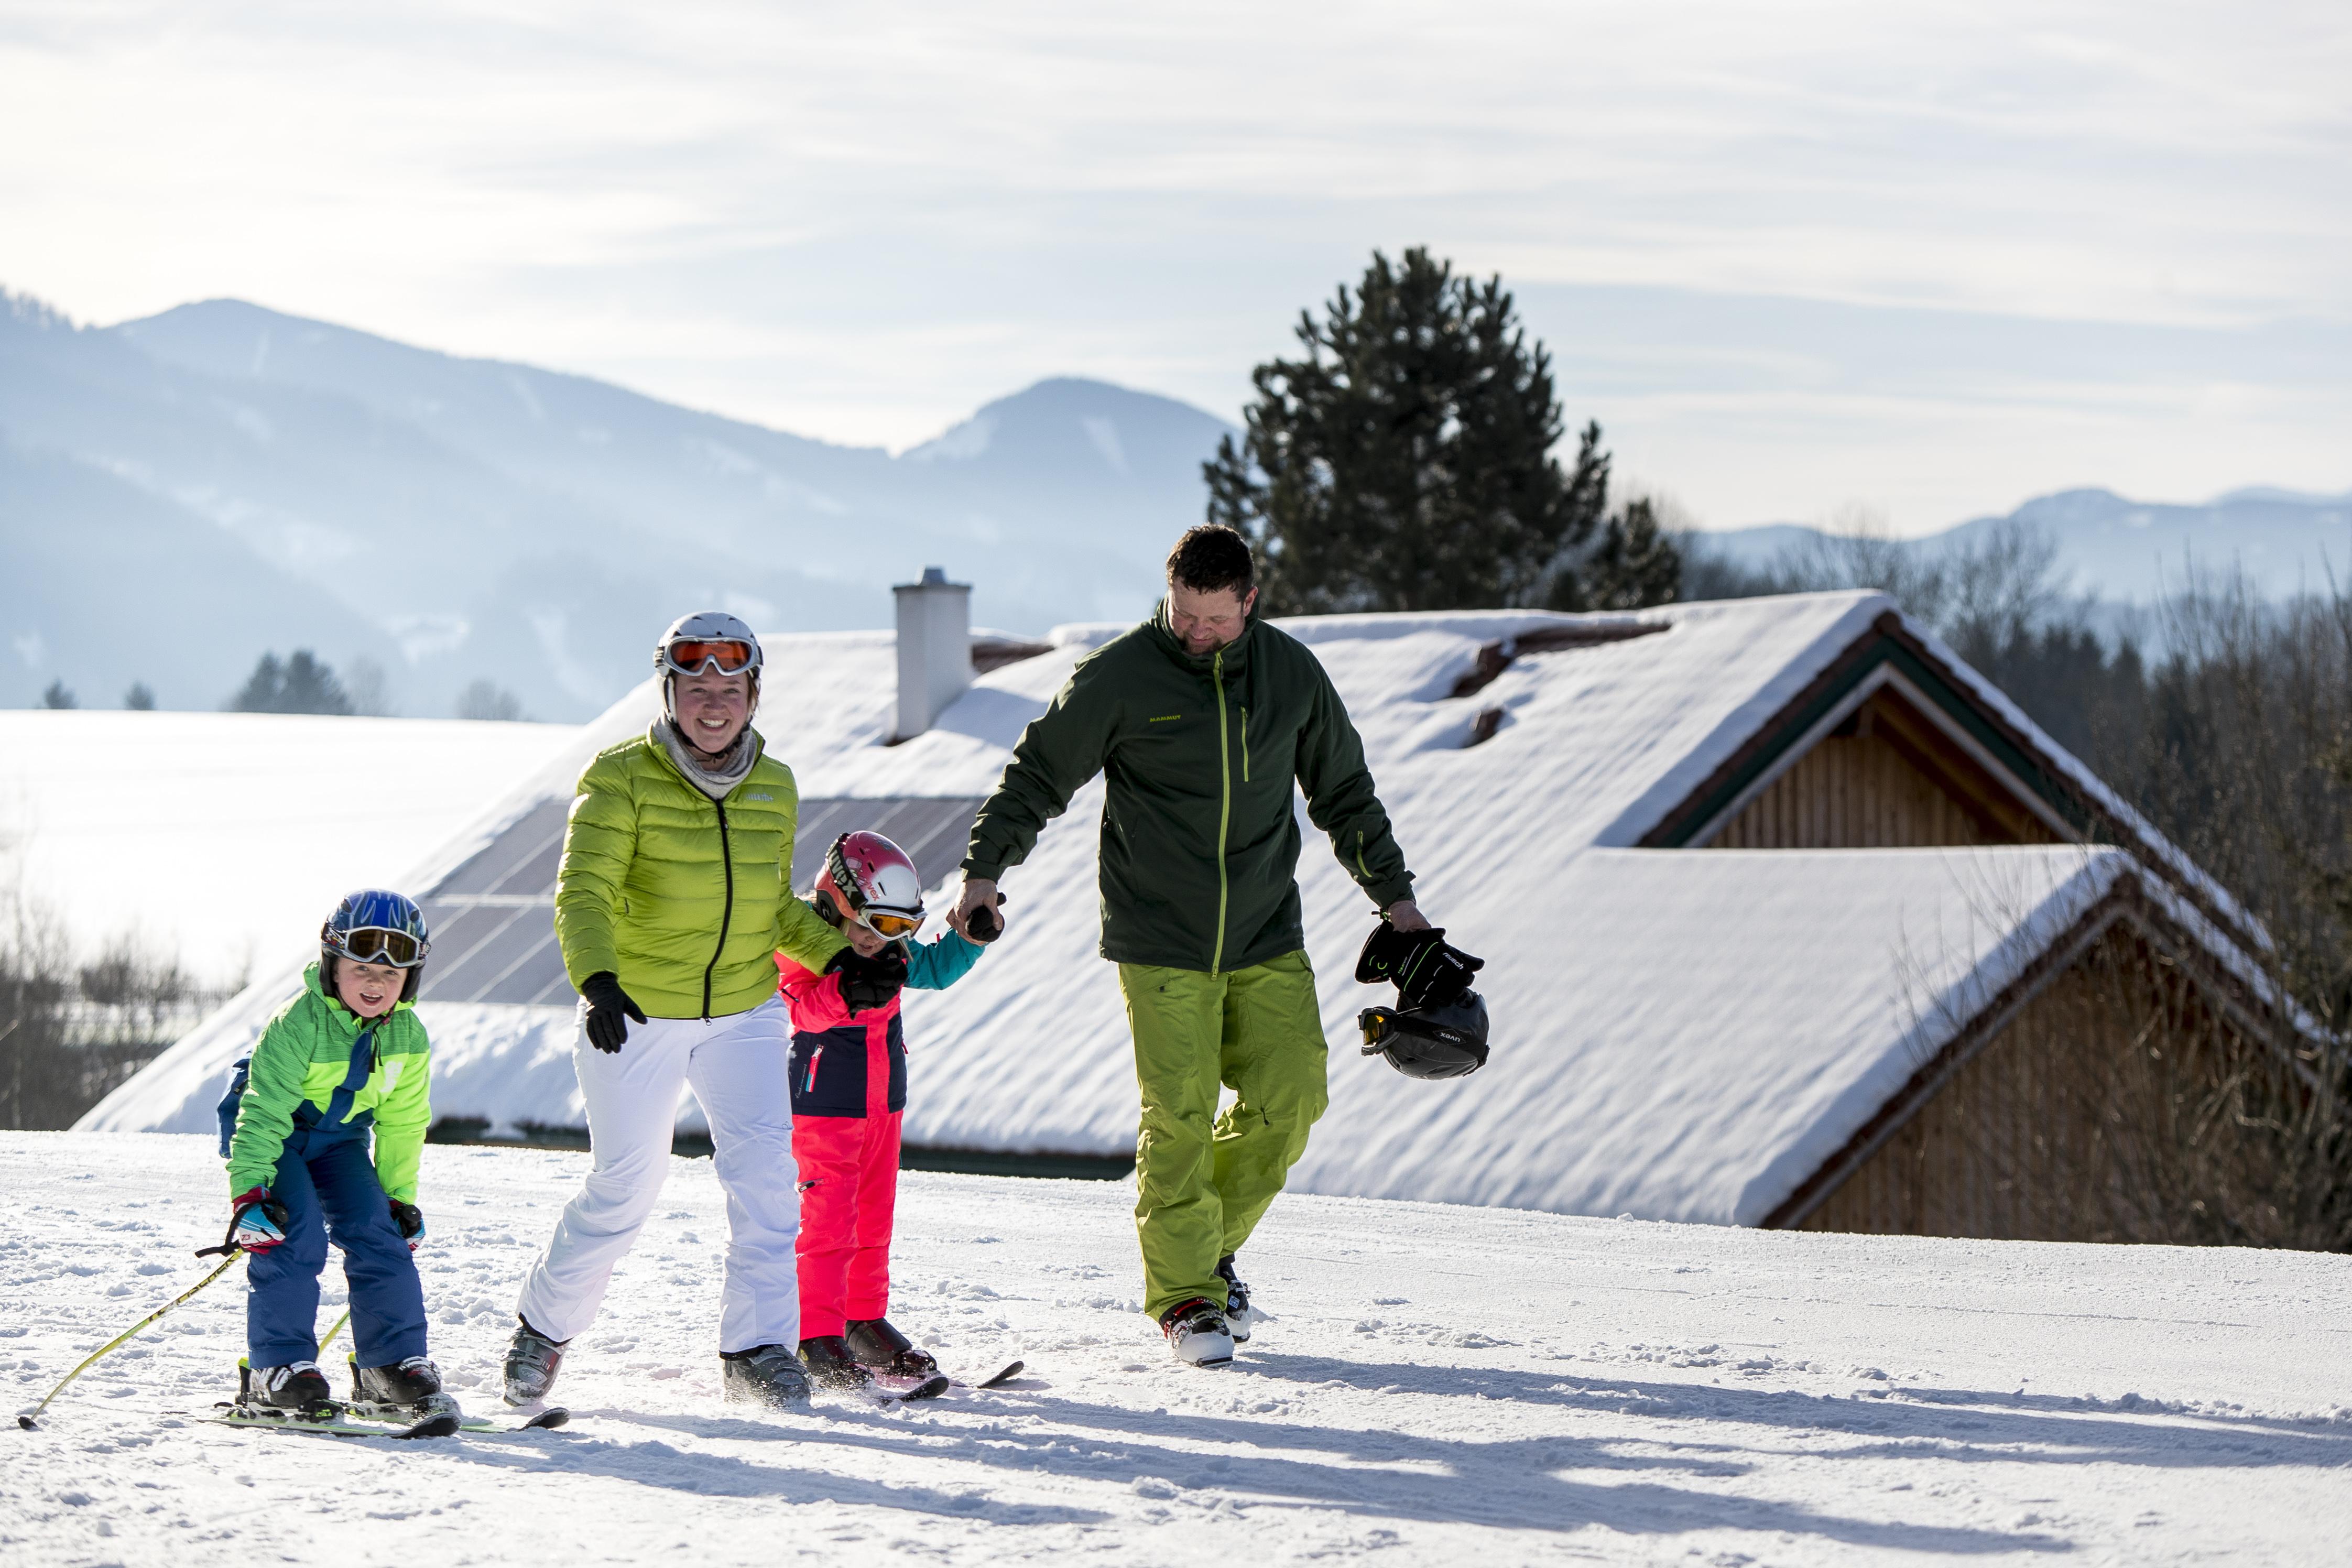 Sie sehen Skifahrer im Skigebiet Schwabenbergarena Turnau. JUFA Hotels bietet erholsamen Familienurlaub und einen unvergesslichen Winterurlaub.